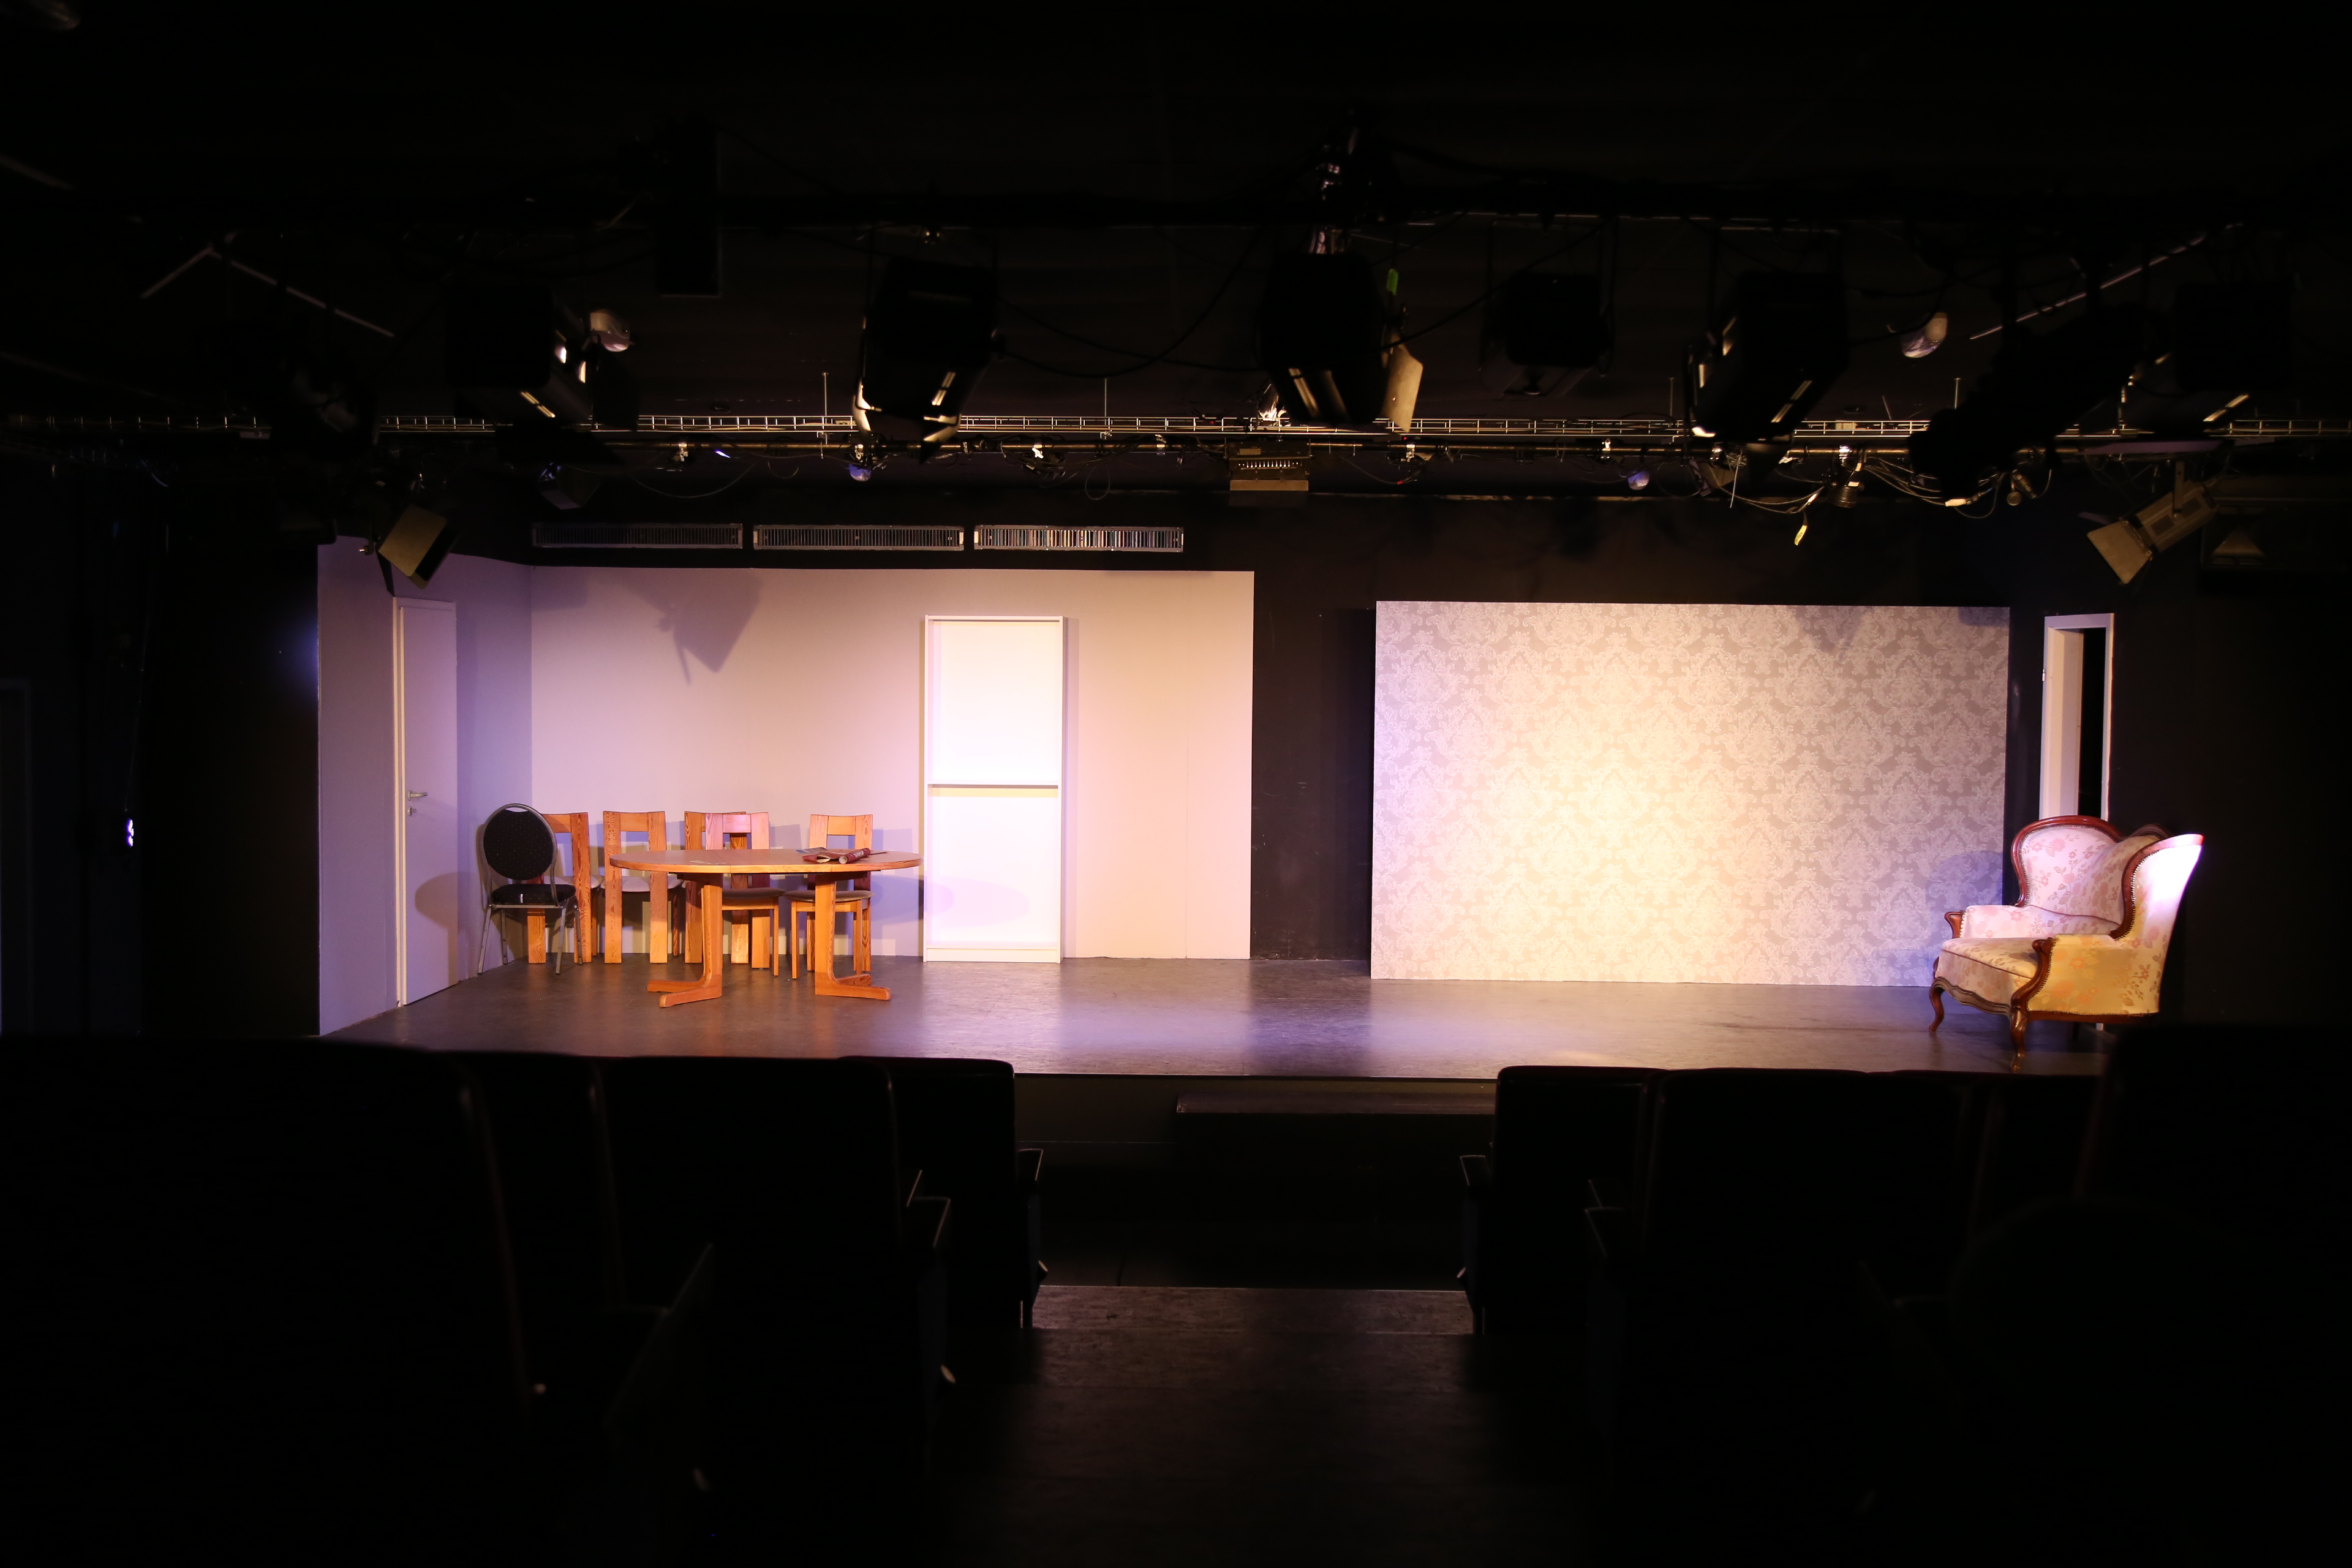 Die Bühne bleibt leer. Absage aller Veranstaltungen bis auf weiteres